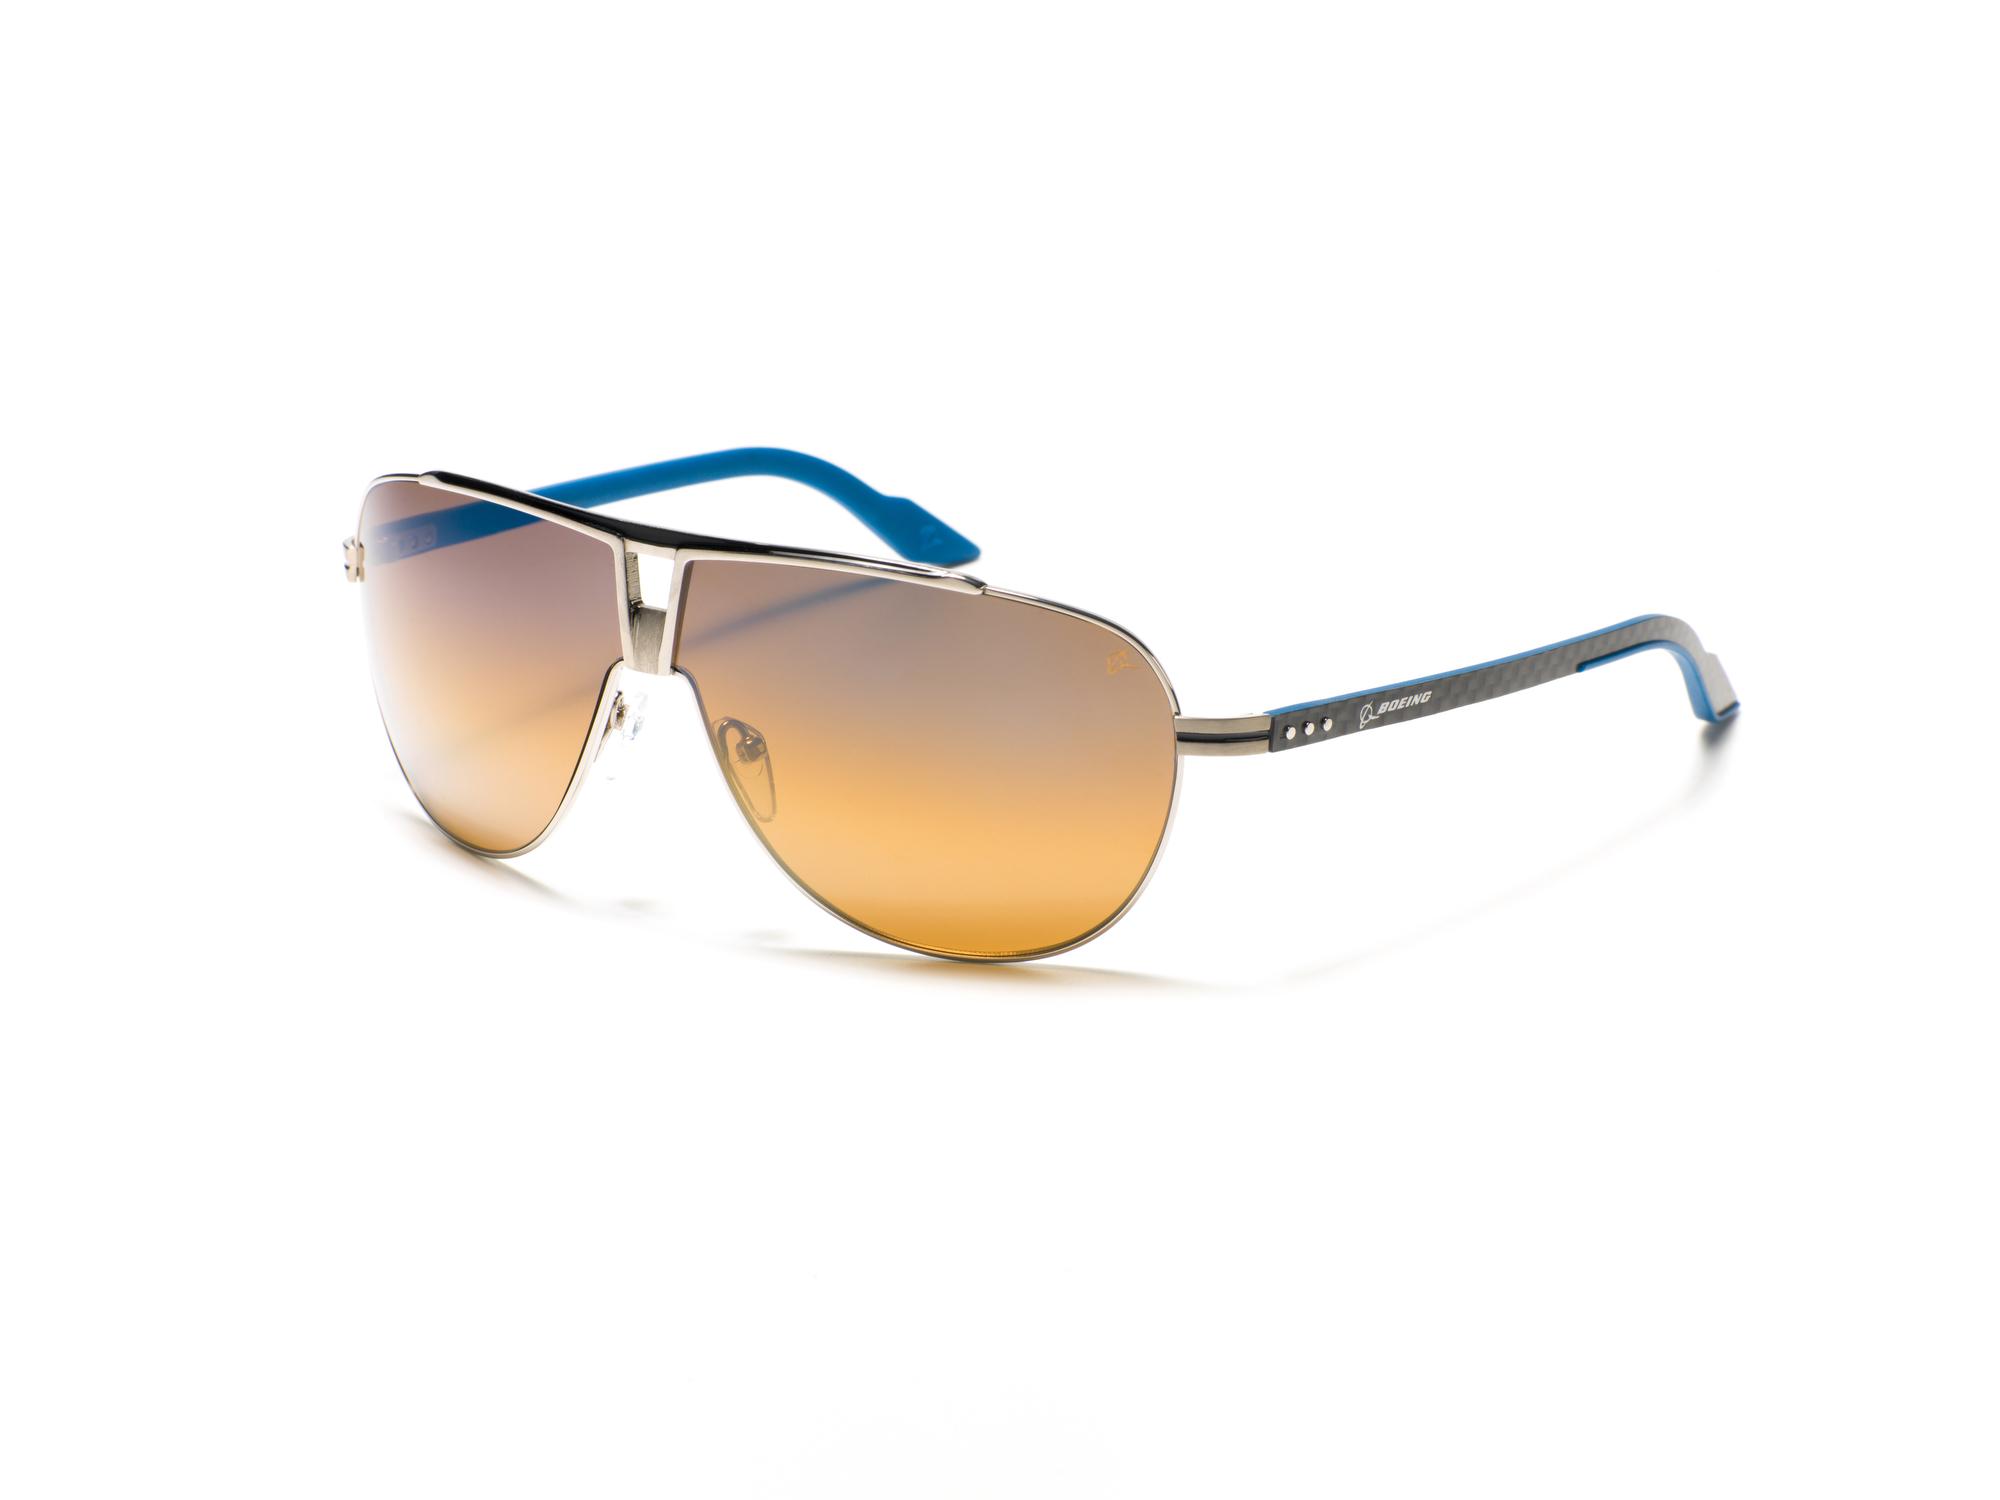 eyeglasses-8903.JPG